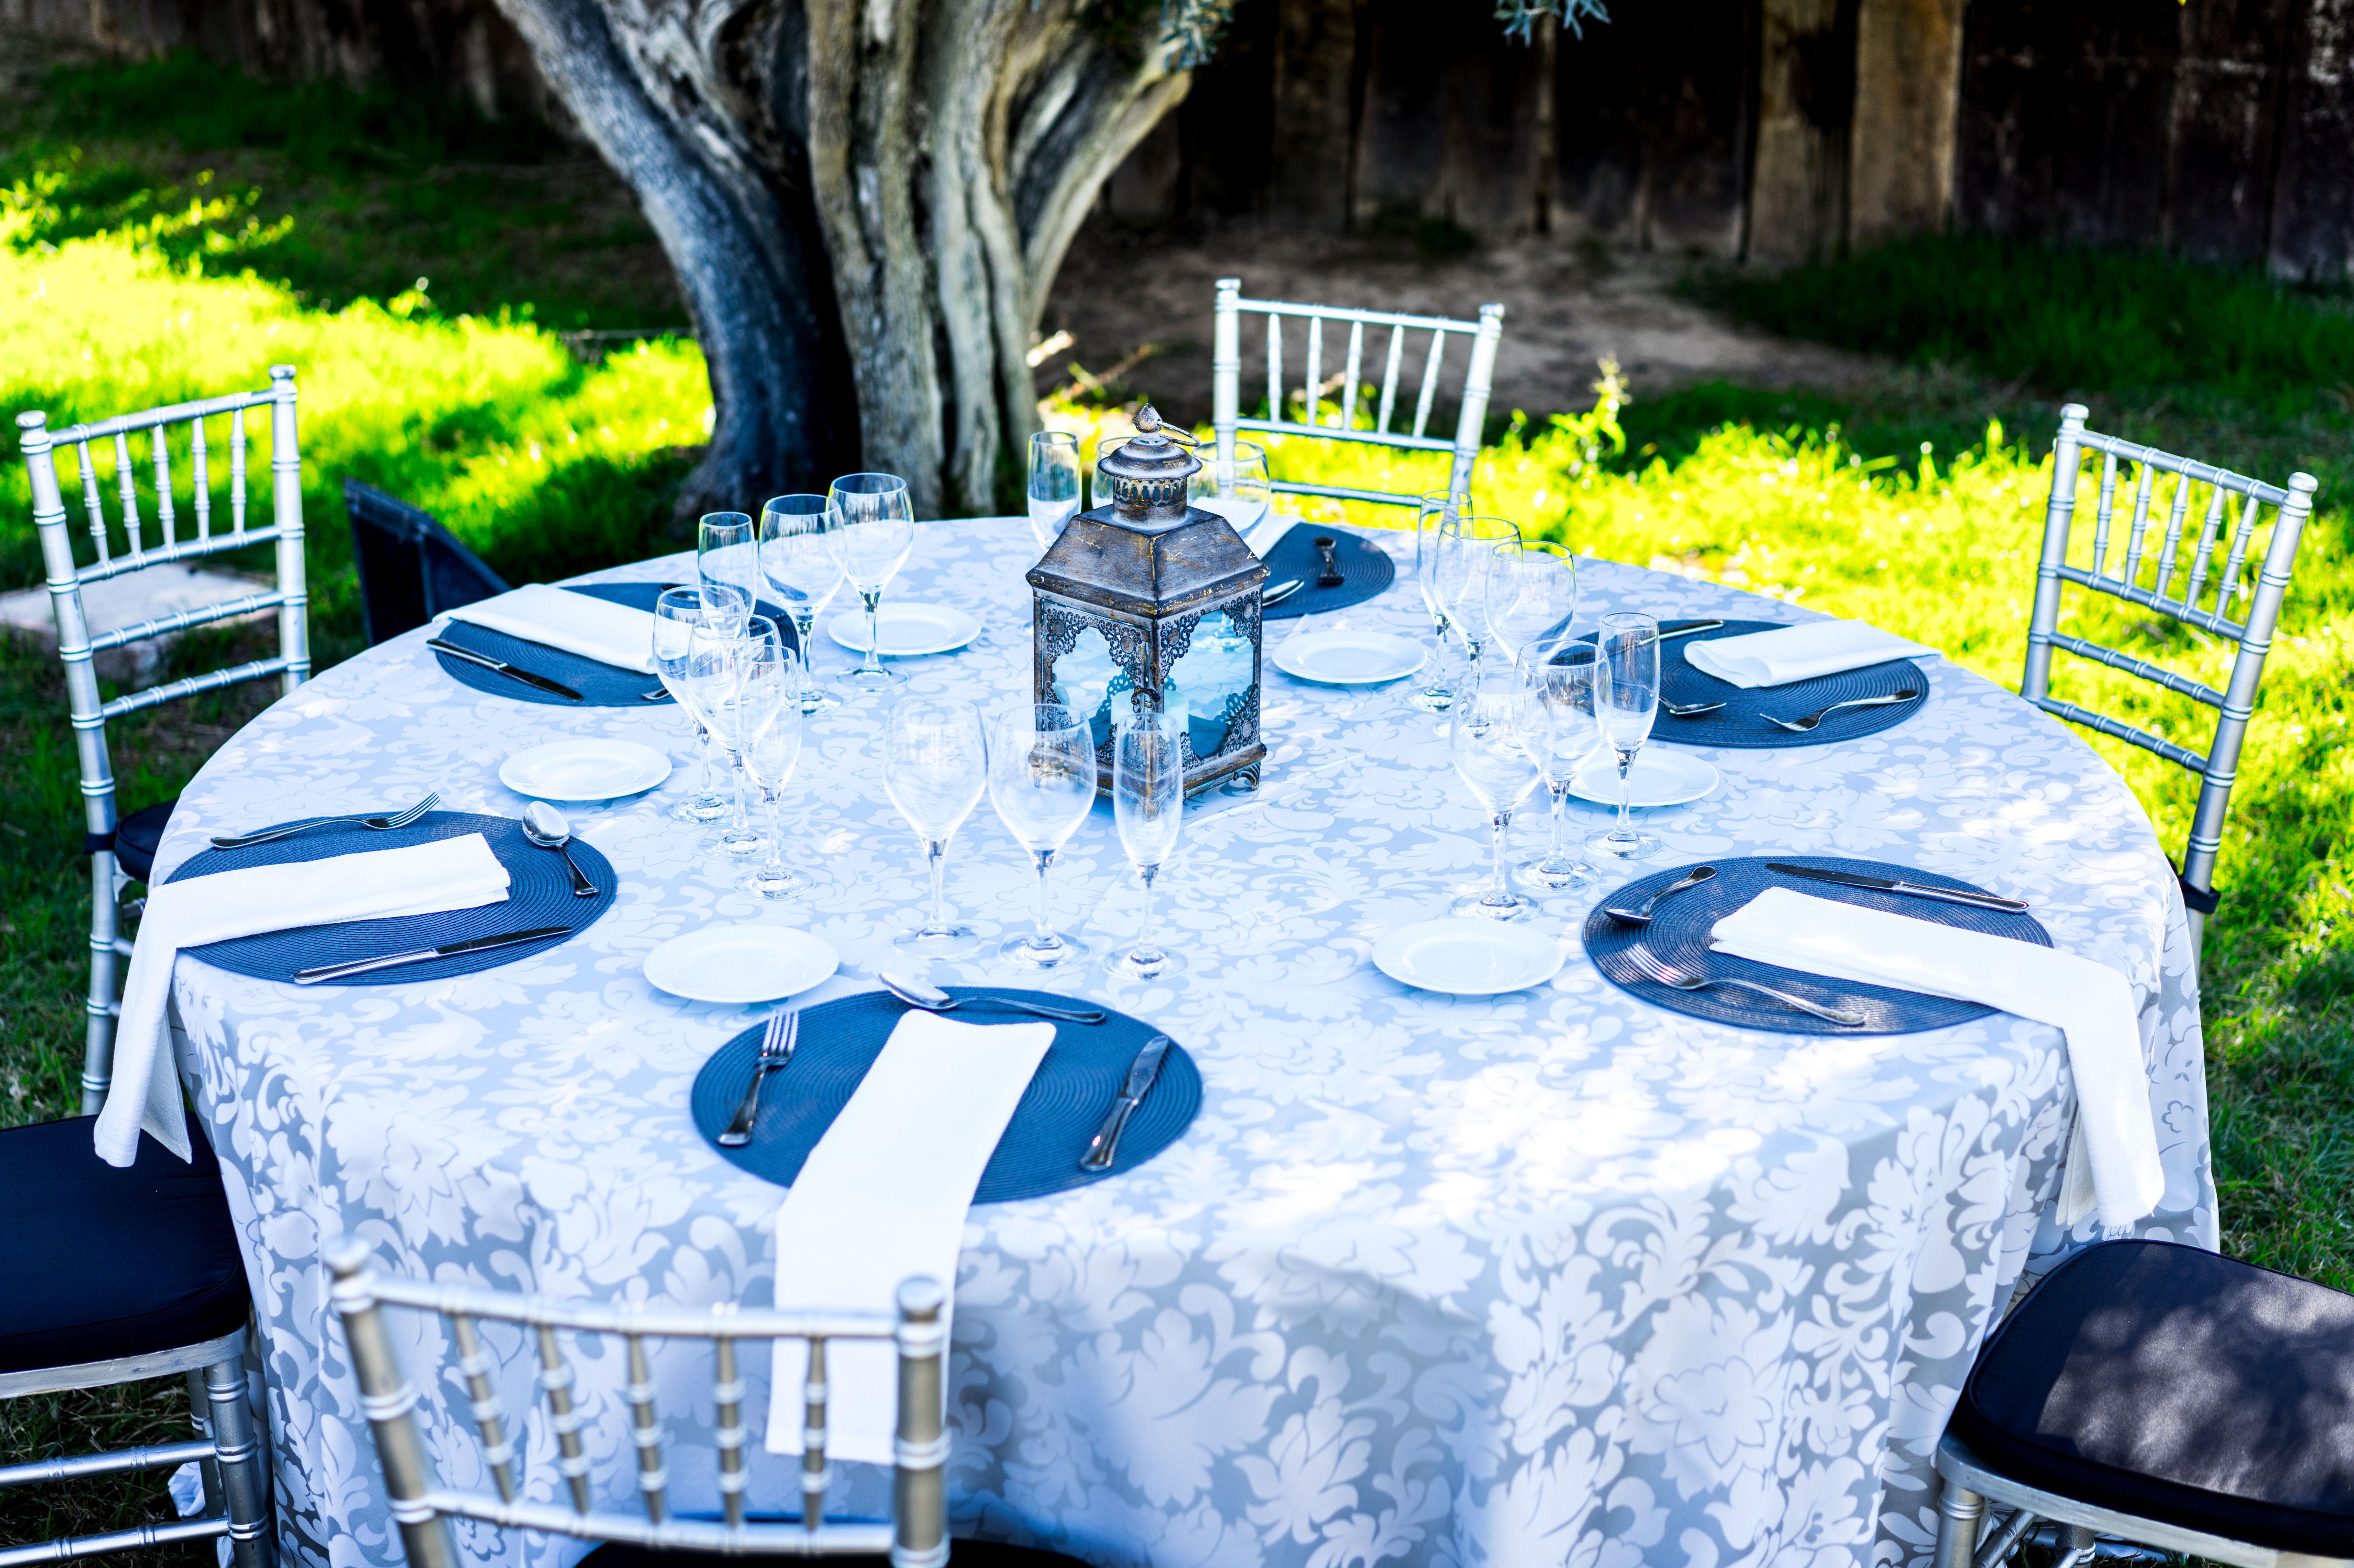 Foto 19 de Alquiler de sillas, mesas y menaje en El Palmar | Mantelería & Menaje